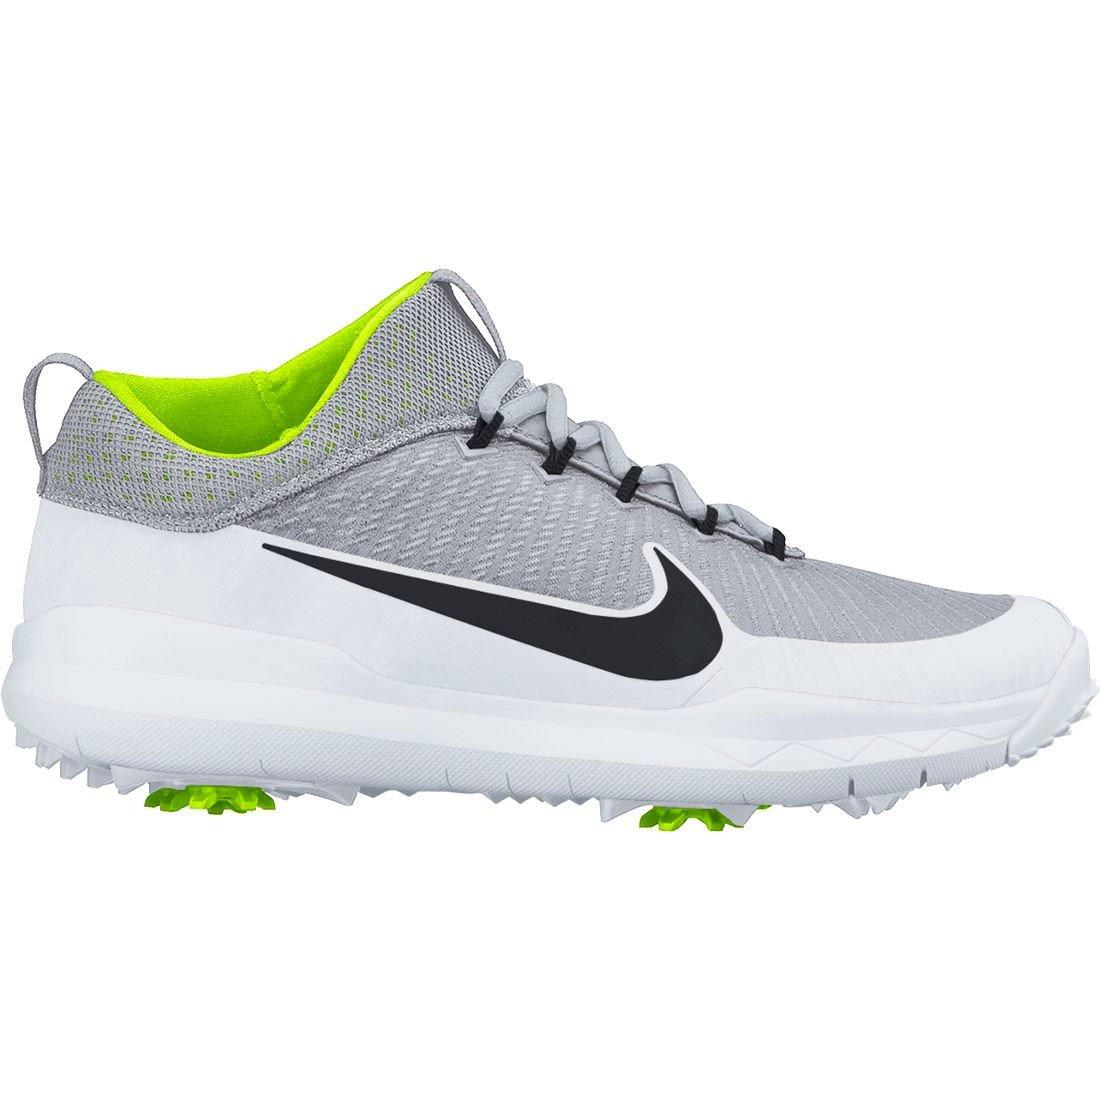 375 Men Nike FI Premiere Metallic Silver Shoes  Golf Shoes